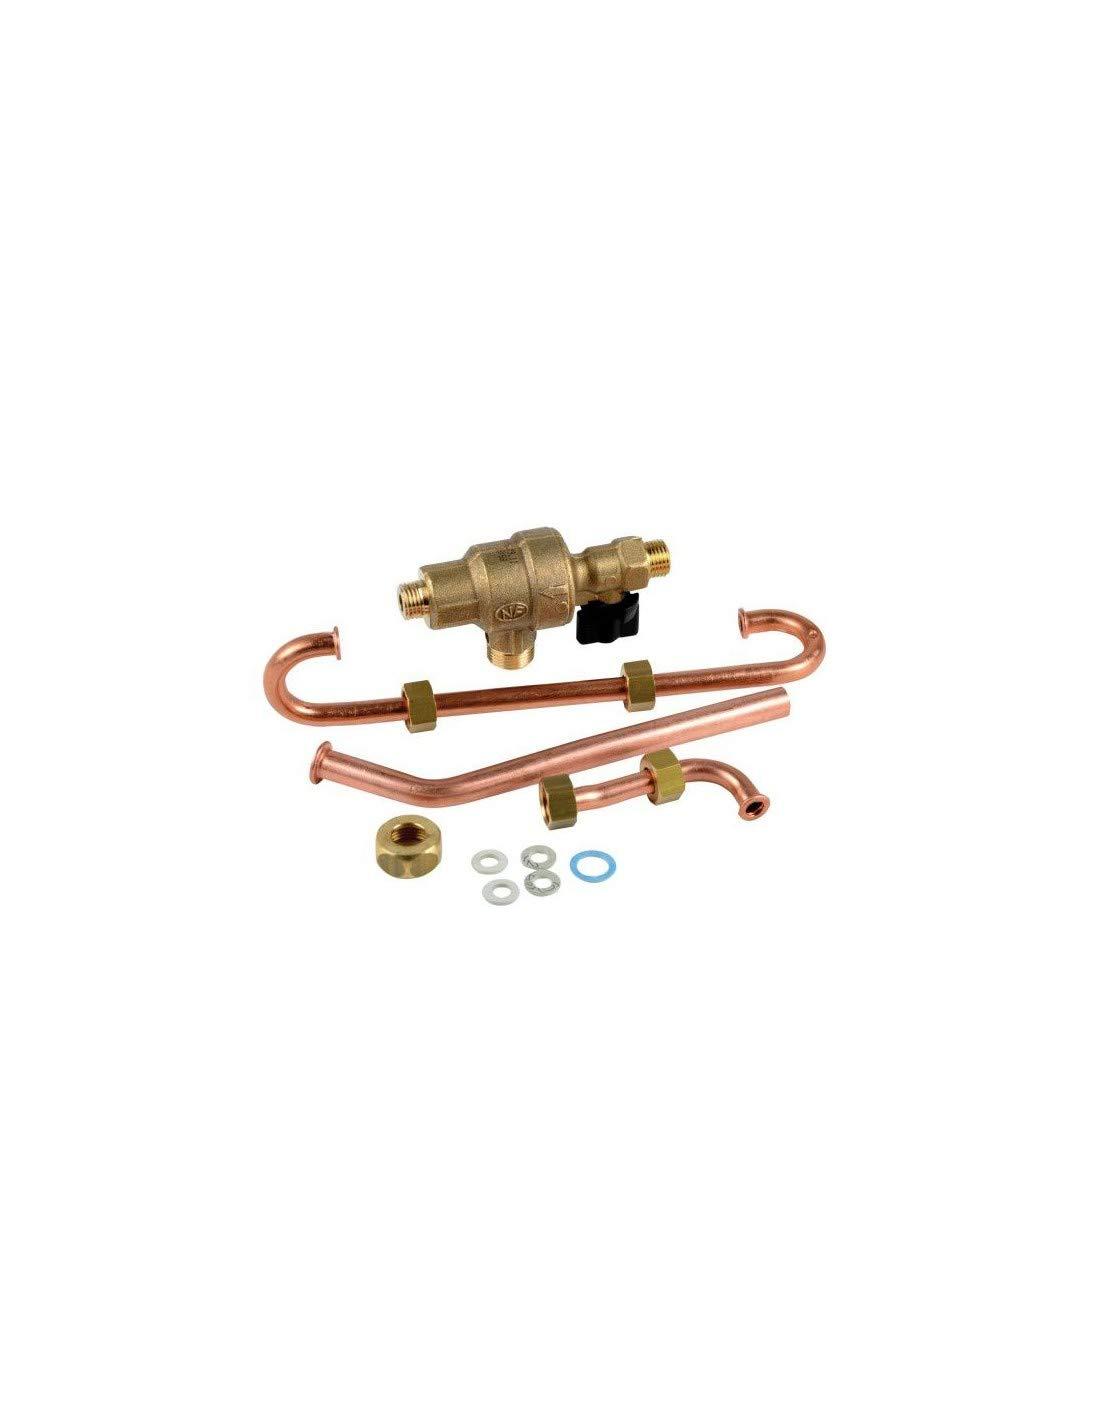 Disconnecteur a//rob.et tubes Elm leblanc 87167614140